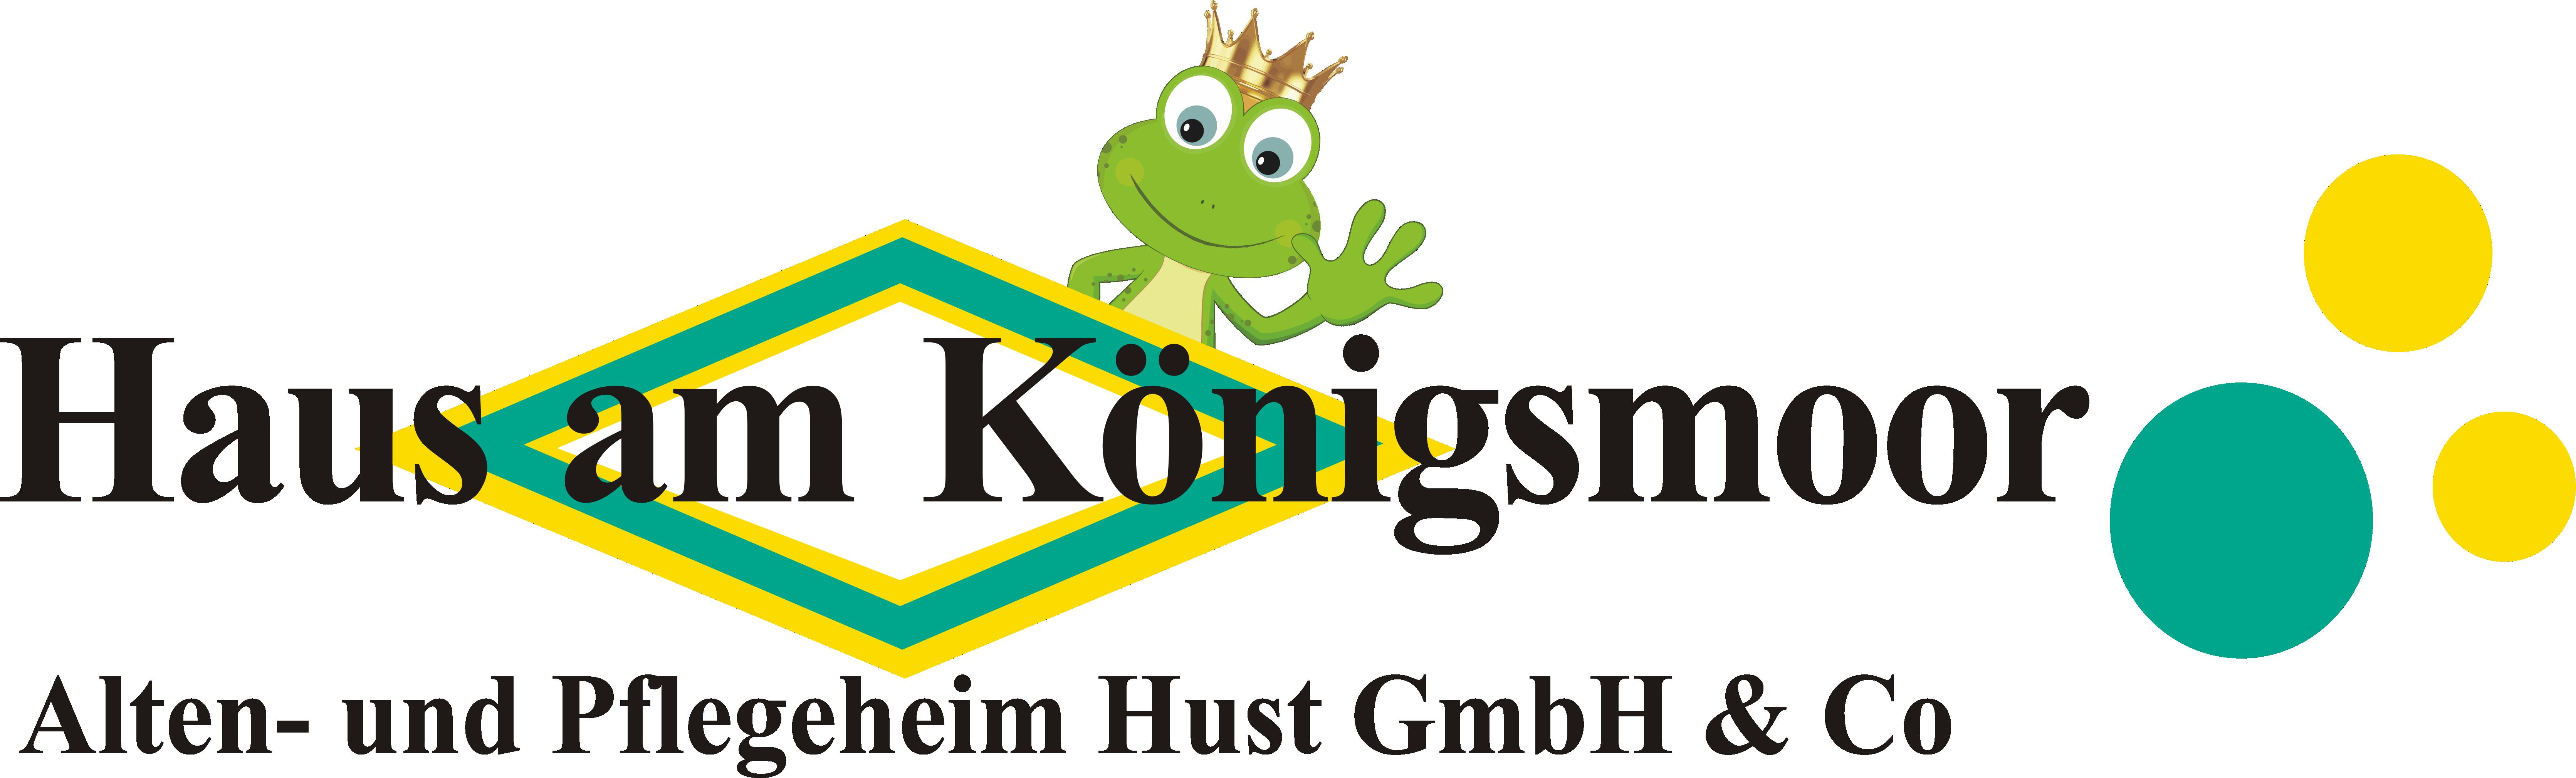 Haus am Königsmoor Alten- und Pflegeheim Hust GmbH & Co.